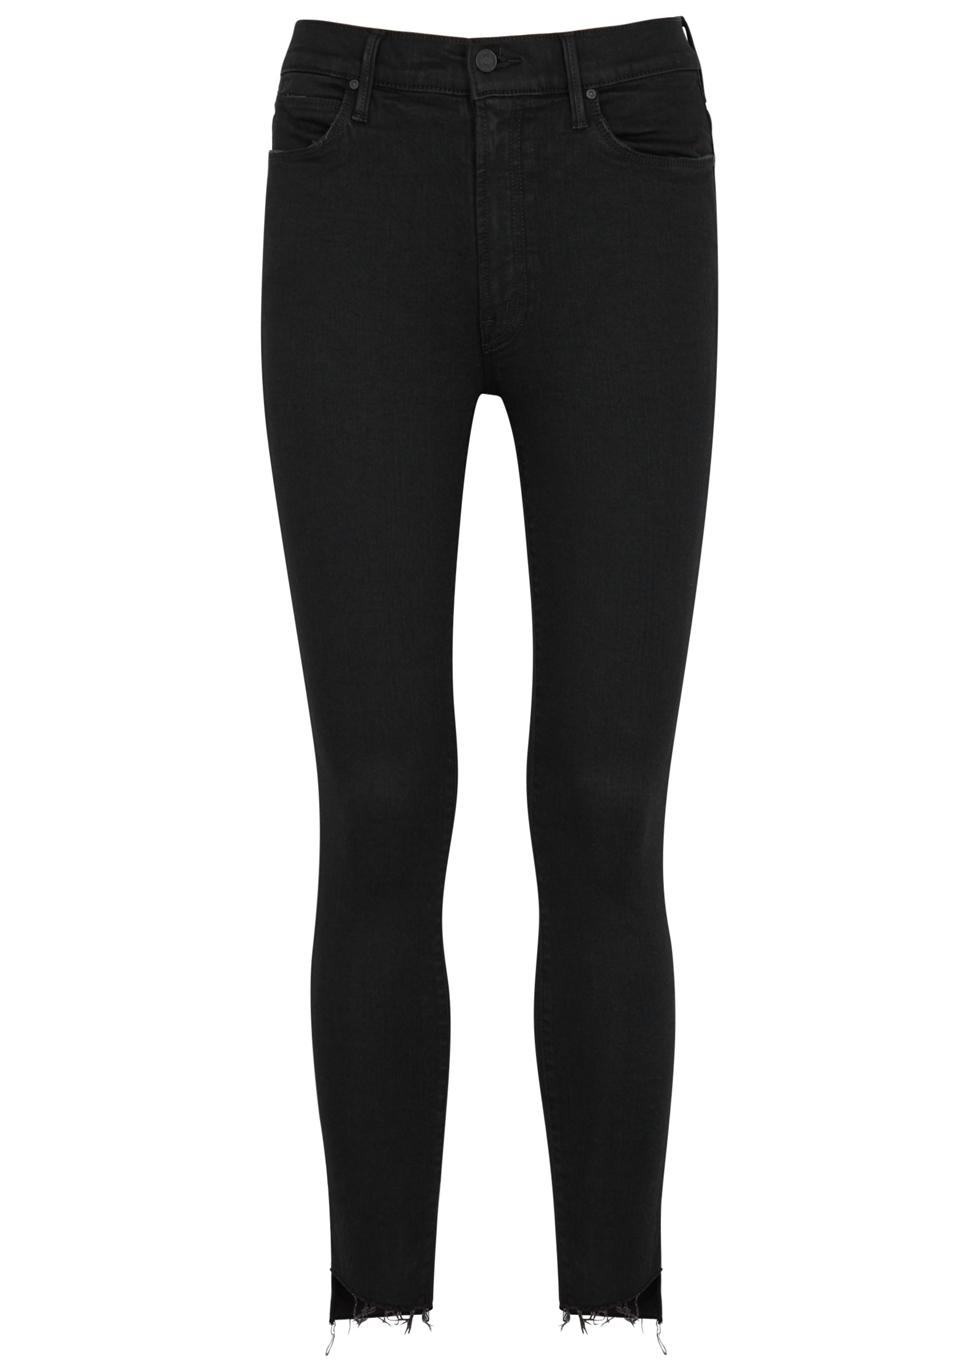 The Stunner black skinny jeans